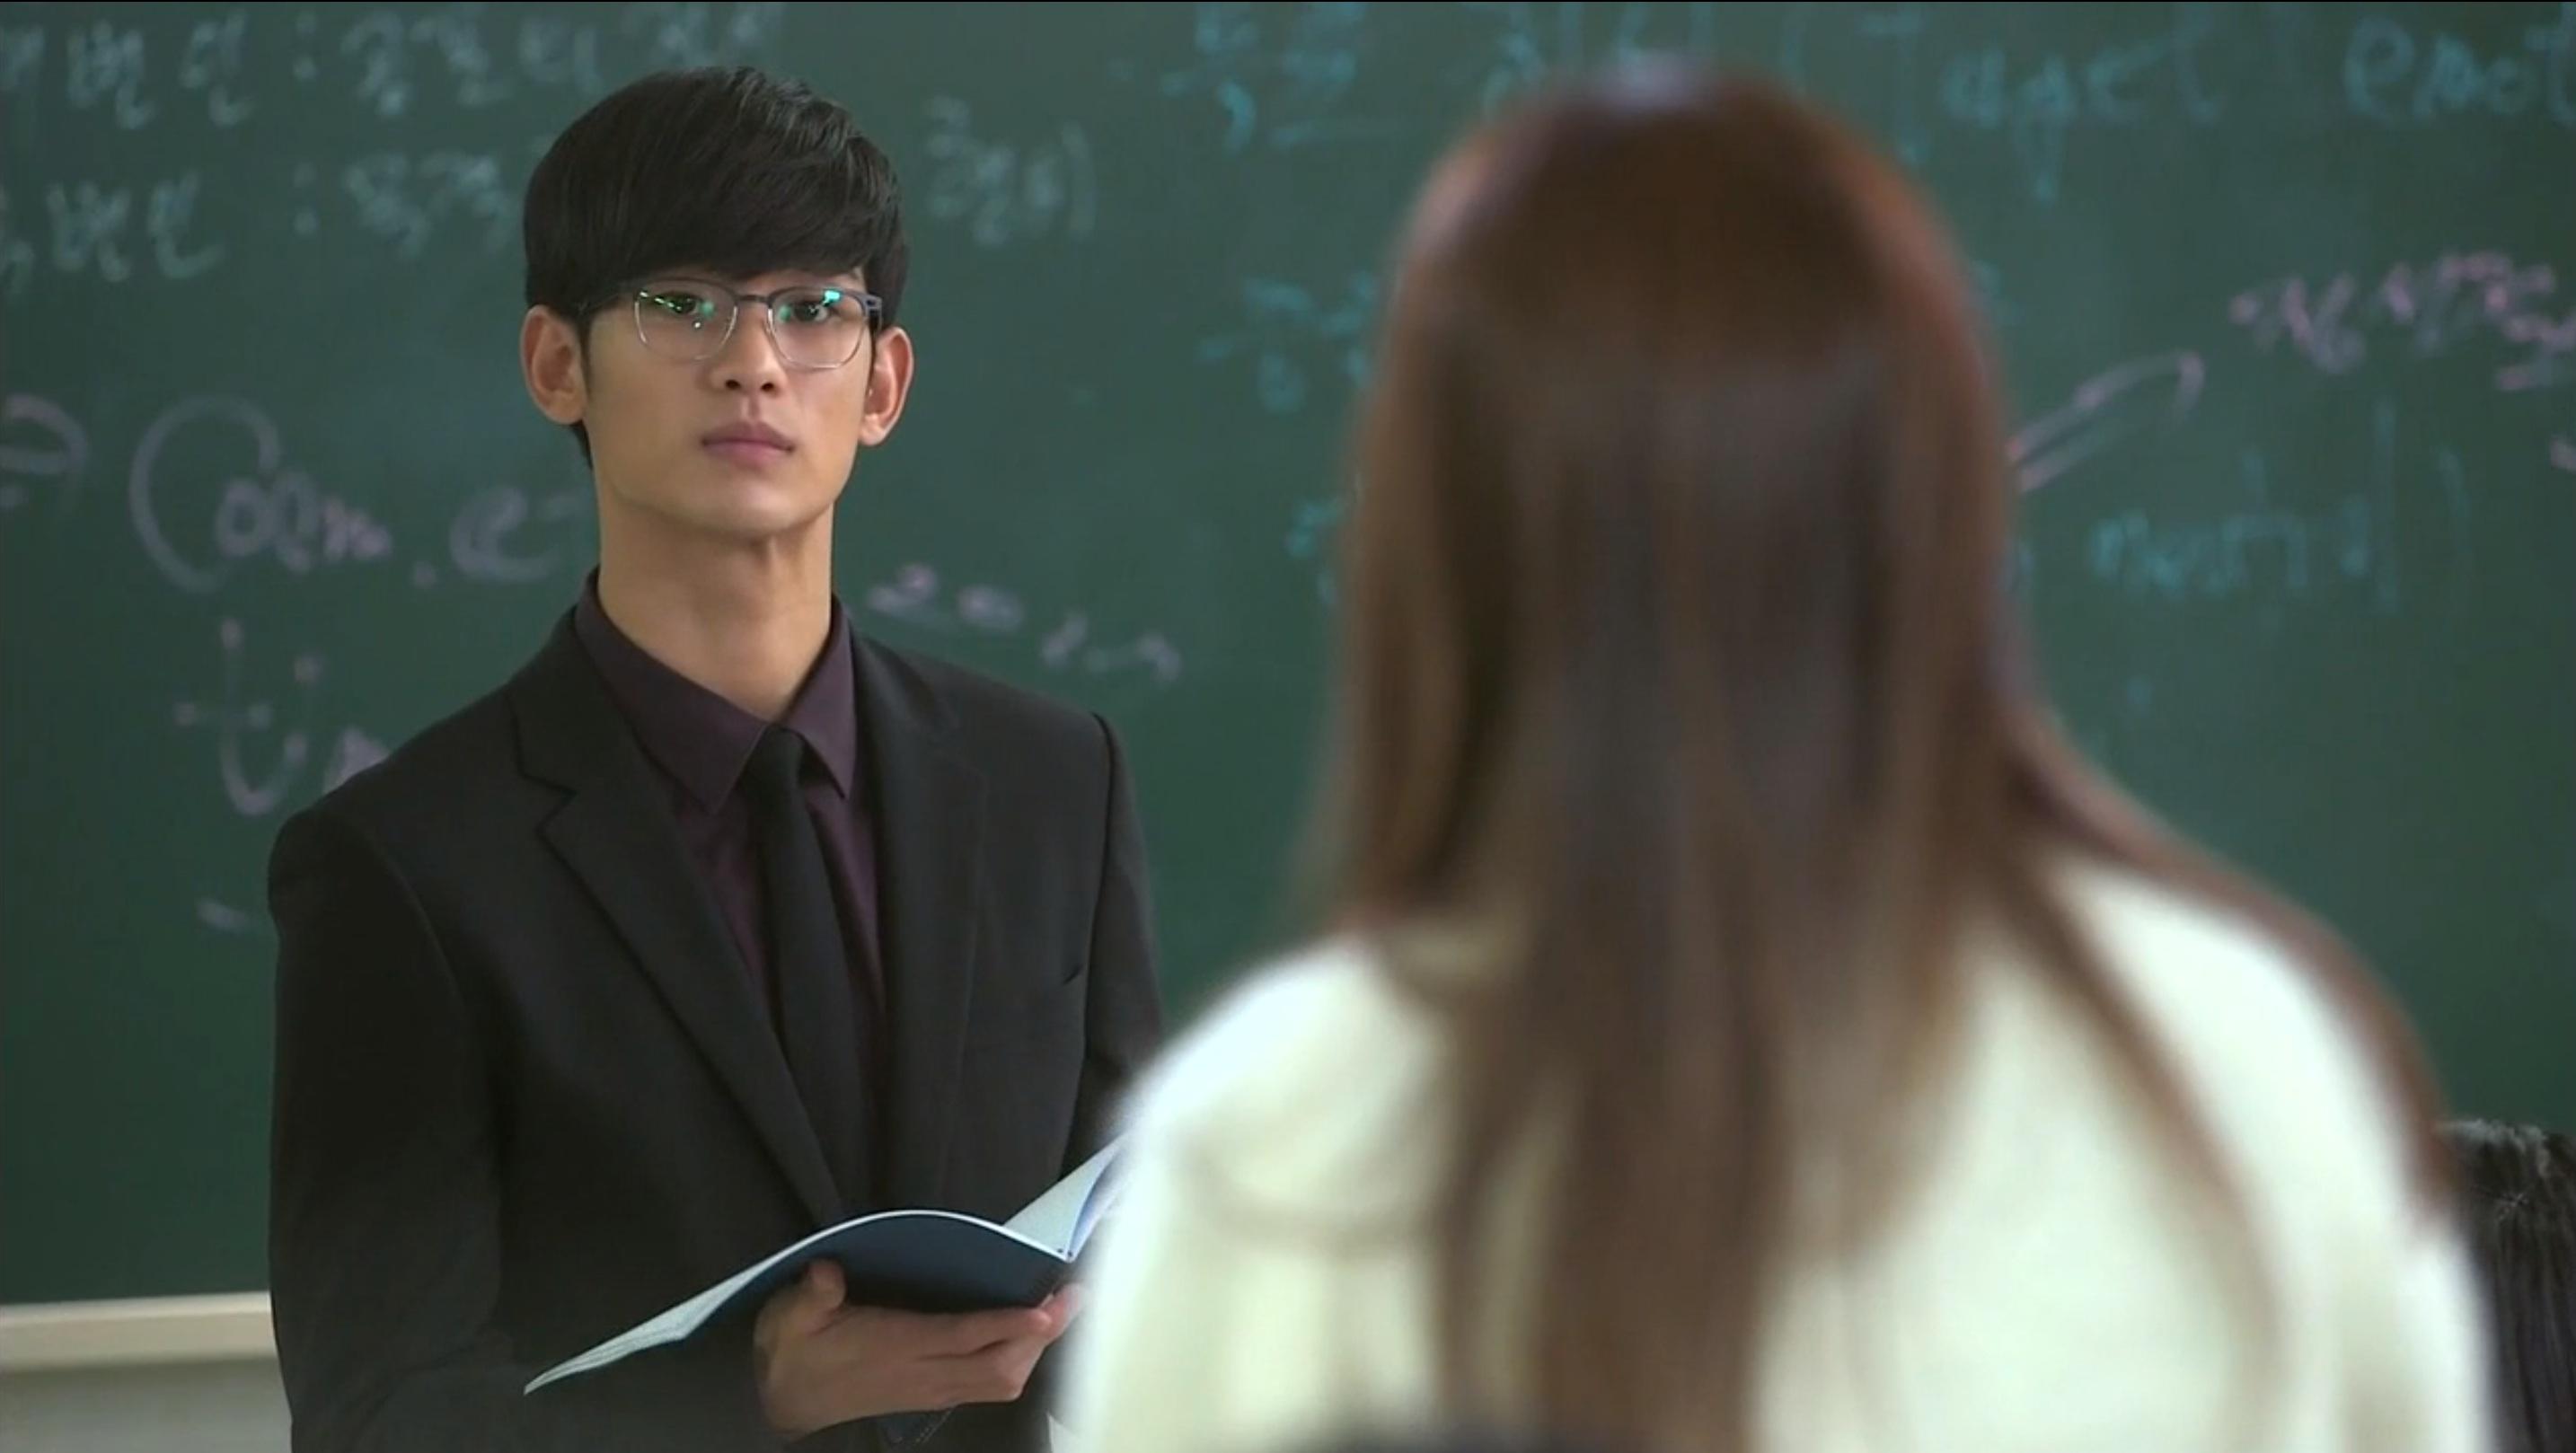 Professor Min Joon